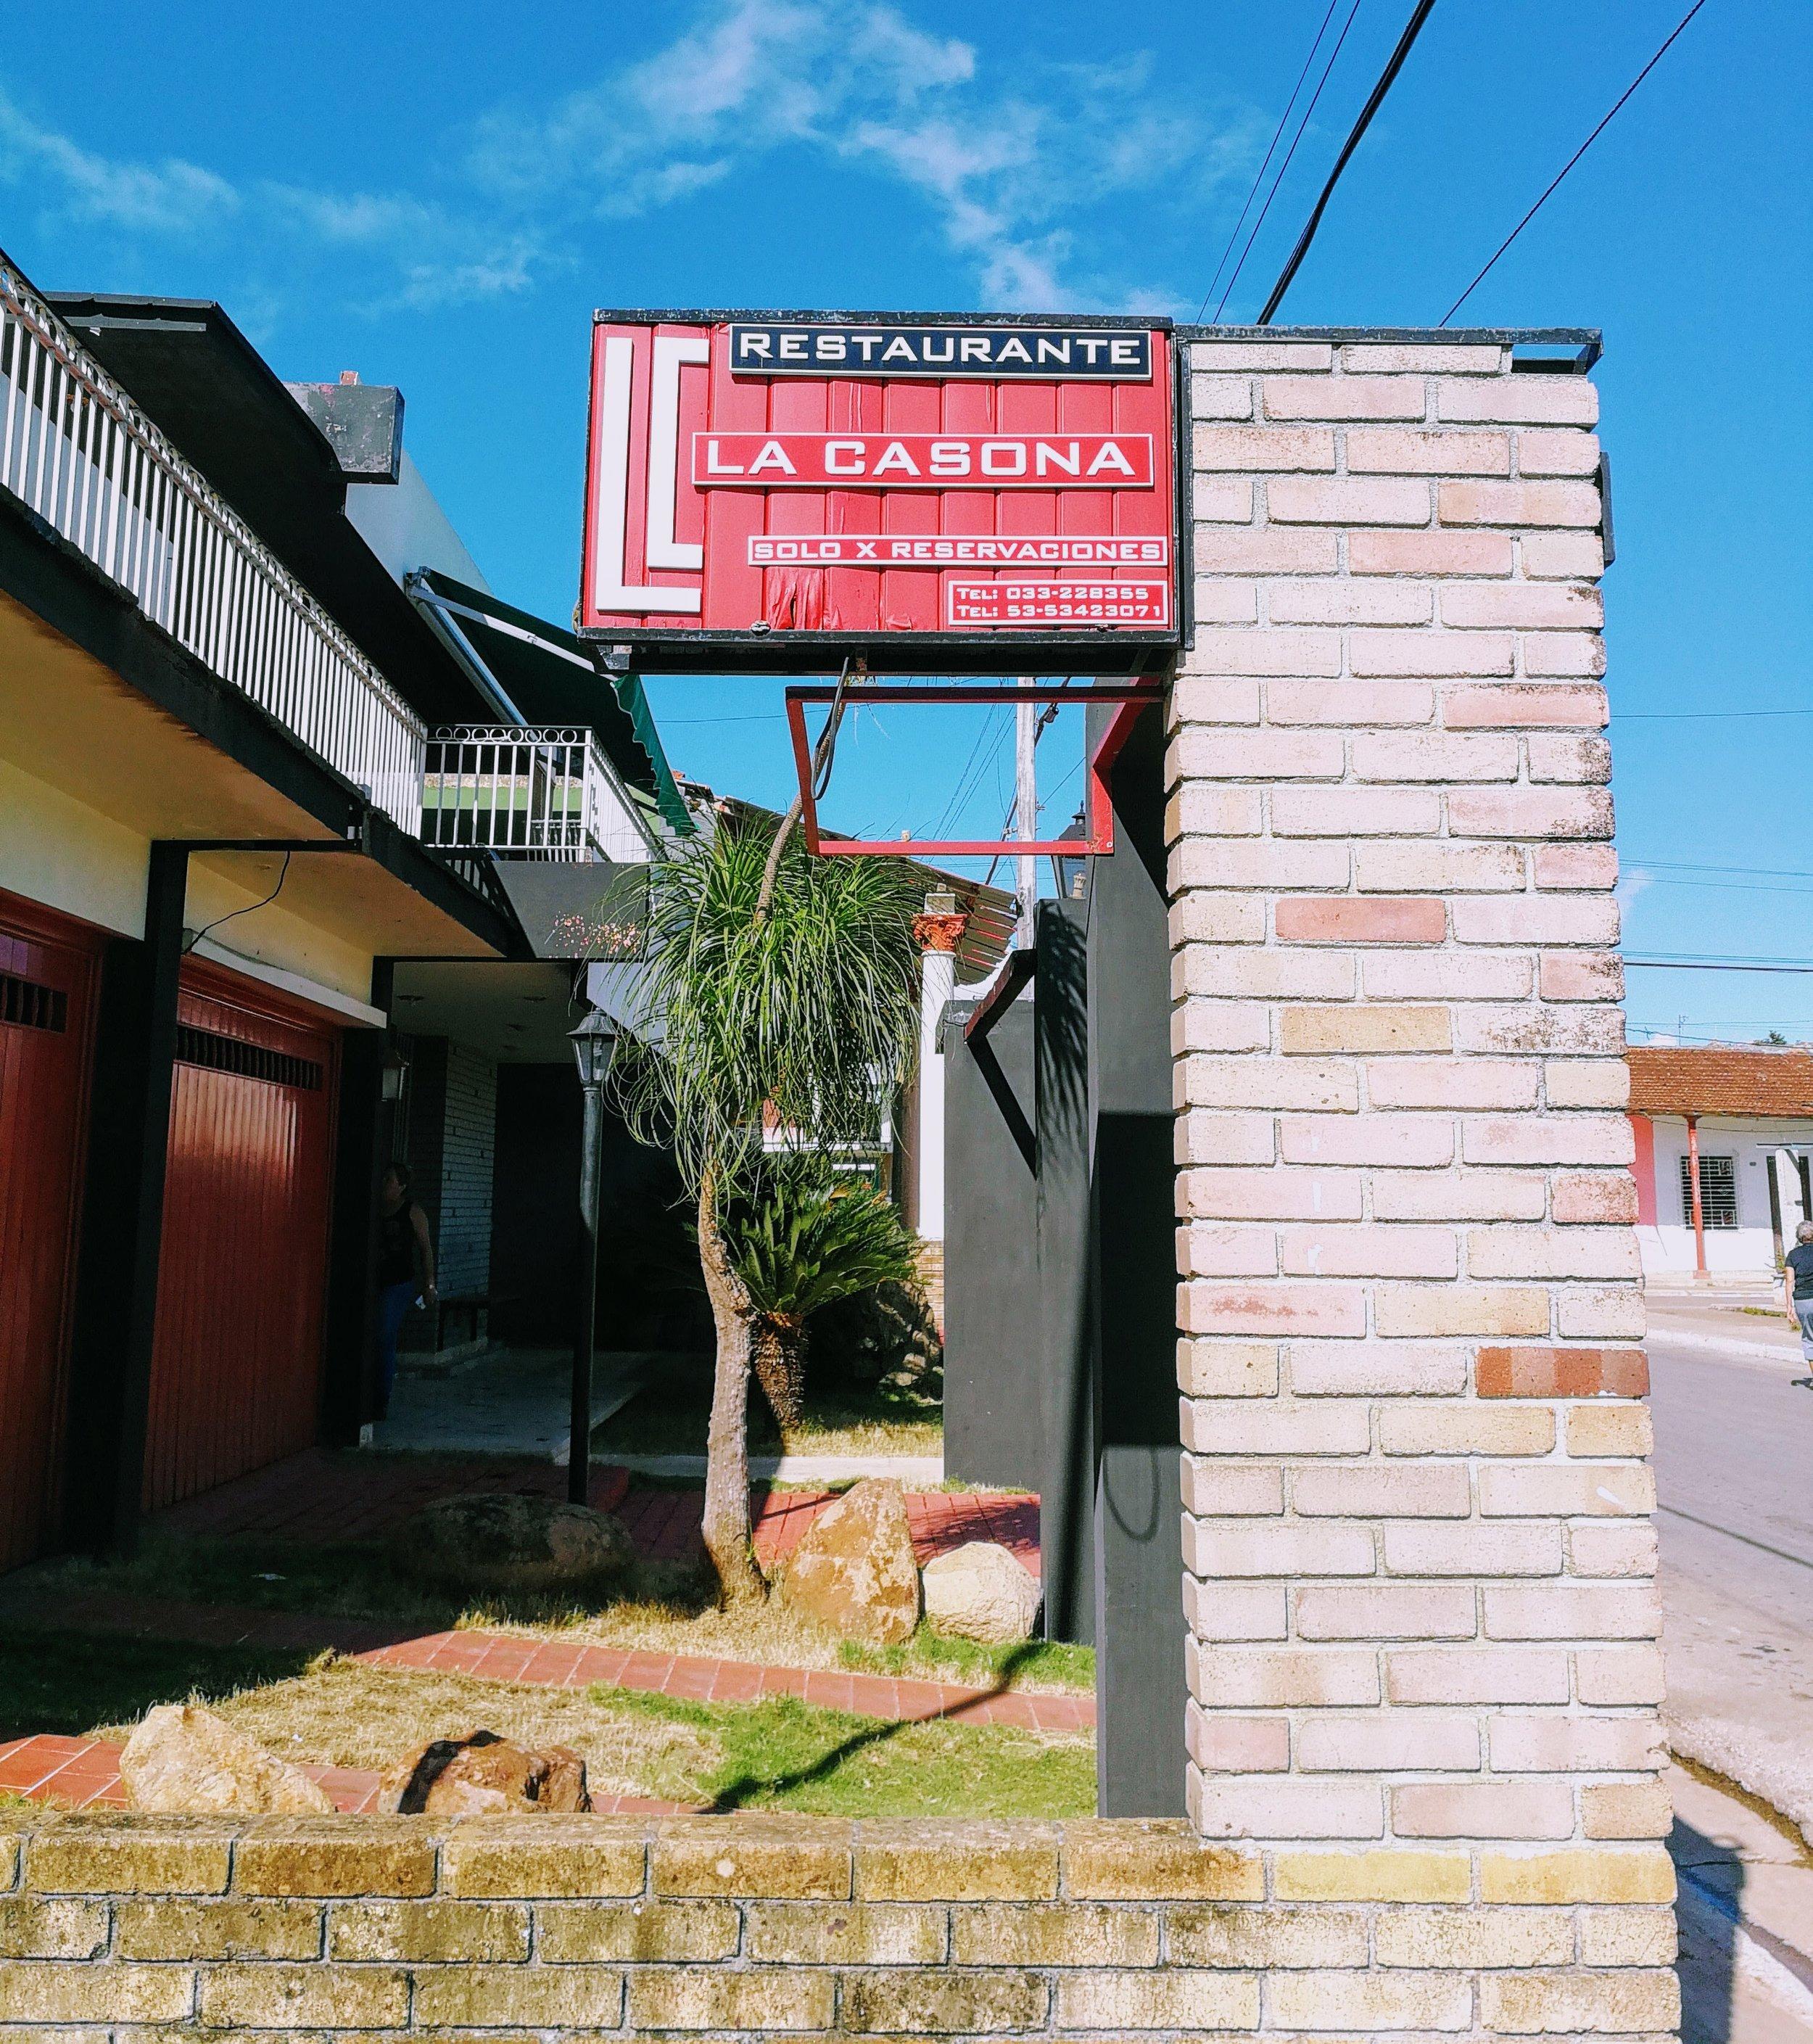 La Casona in Ciego de Avila, Cuba